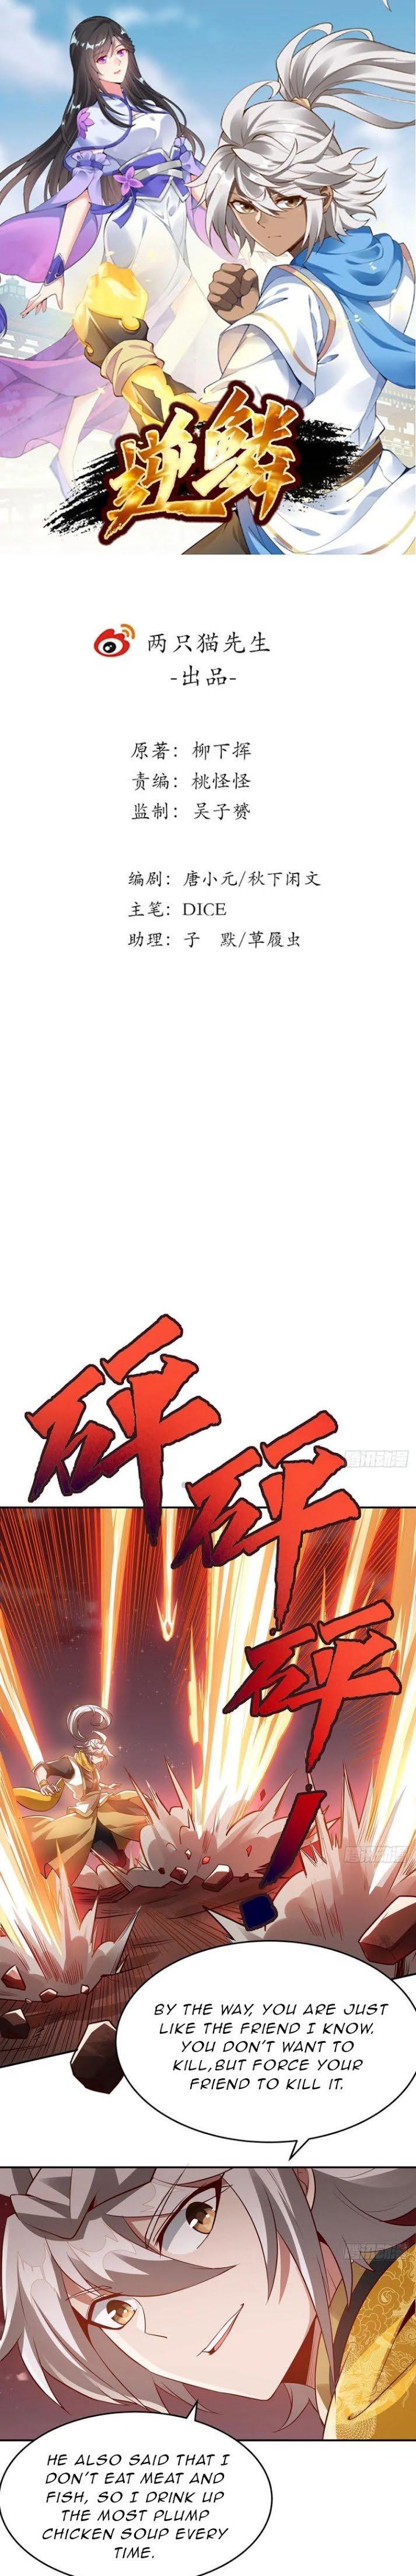 Manga Inverse Scale - Chapter 97 Page 1